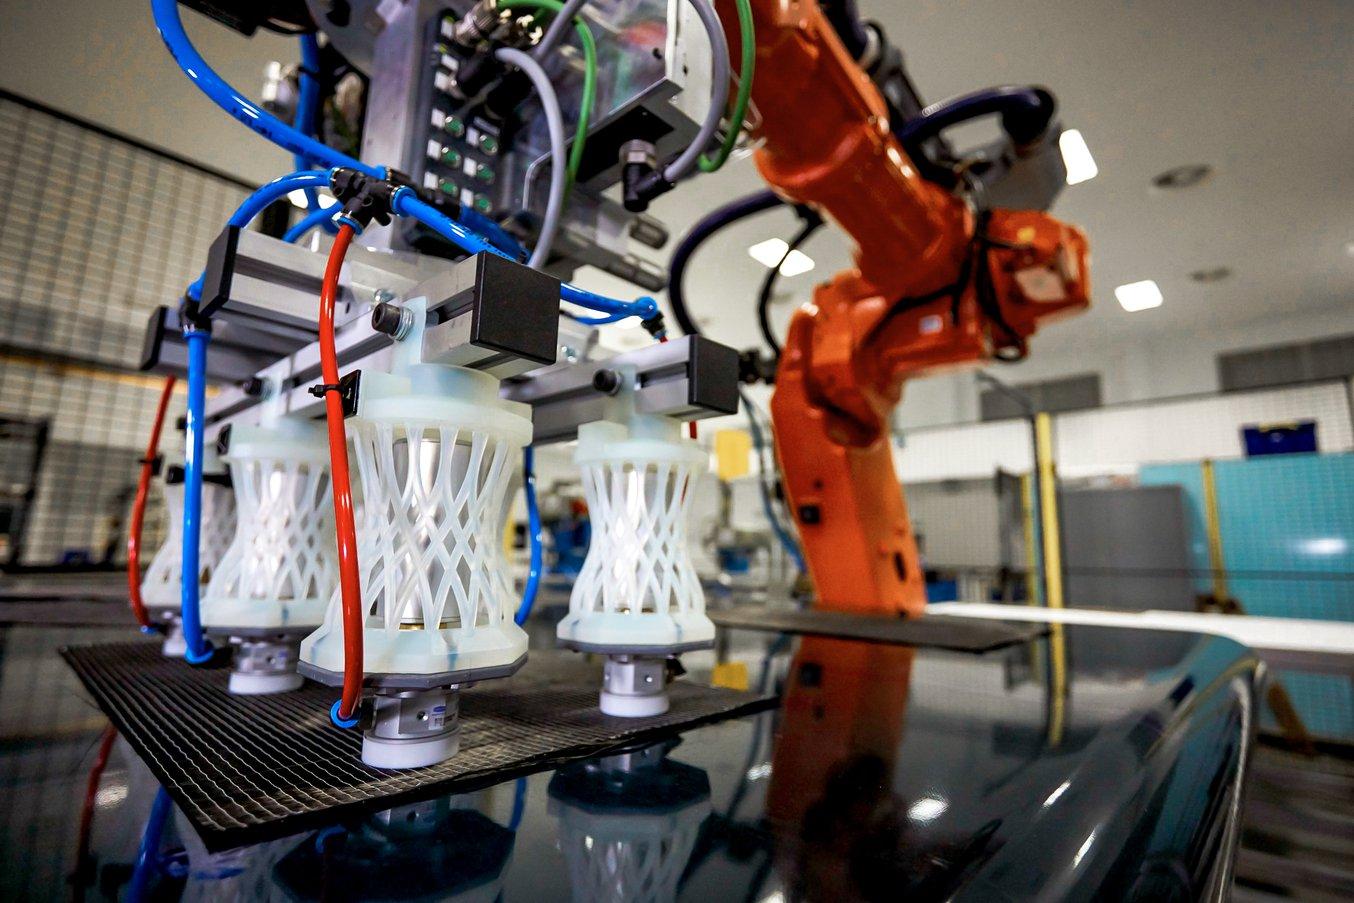 Il robot pick-and-place dispone di sei pinze ad aria compressa e ciascuna richiede una staffa. Sono state necessarie sei ore per stamparne una in 3D.